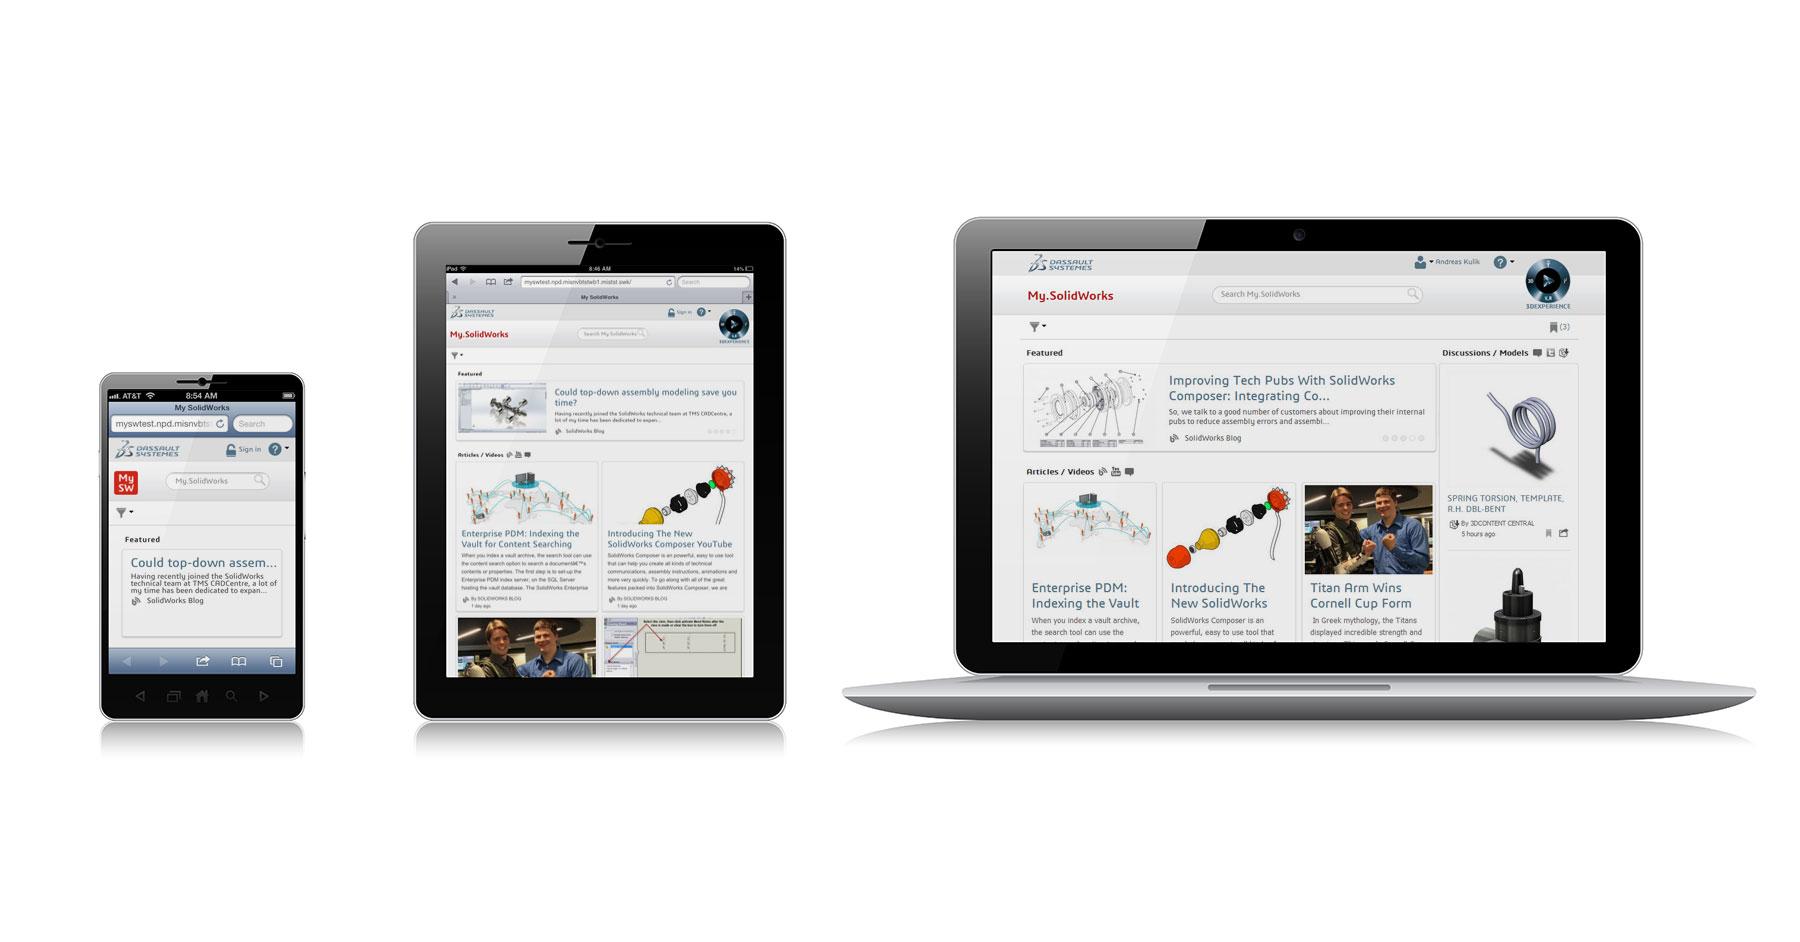 Découvrez les nouvelles fonctionnalités disponibles sur My.SolidWorks.com